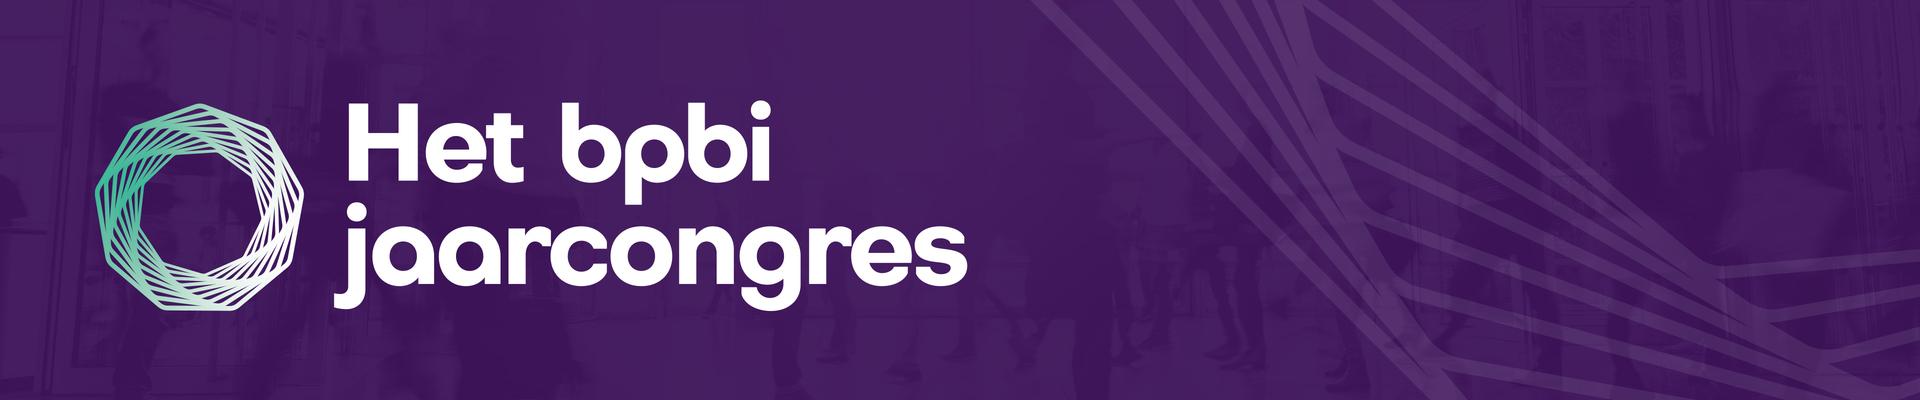 BPBI jaarcongres 2020